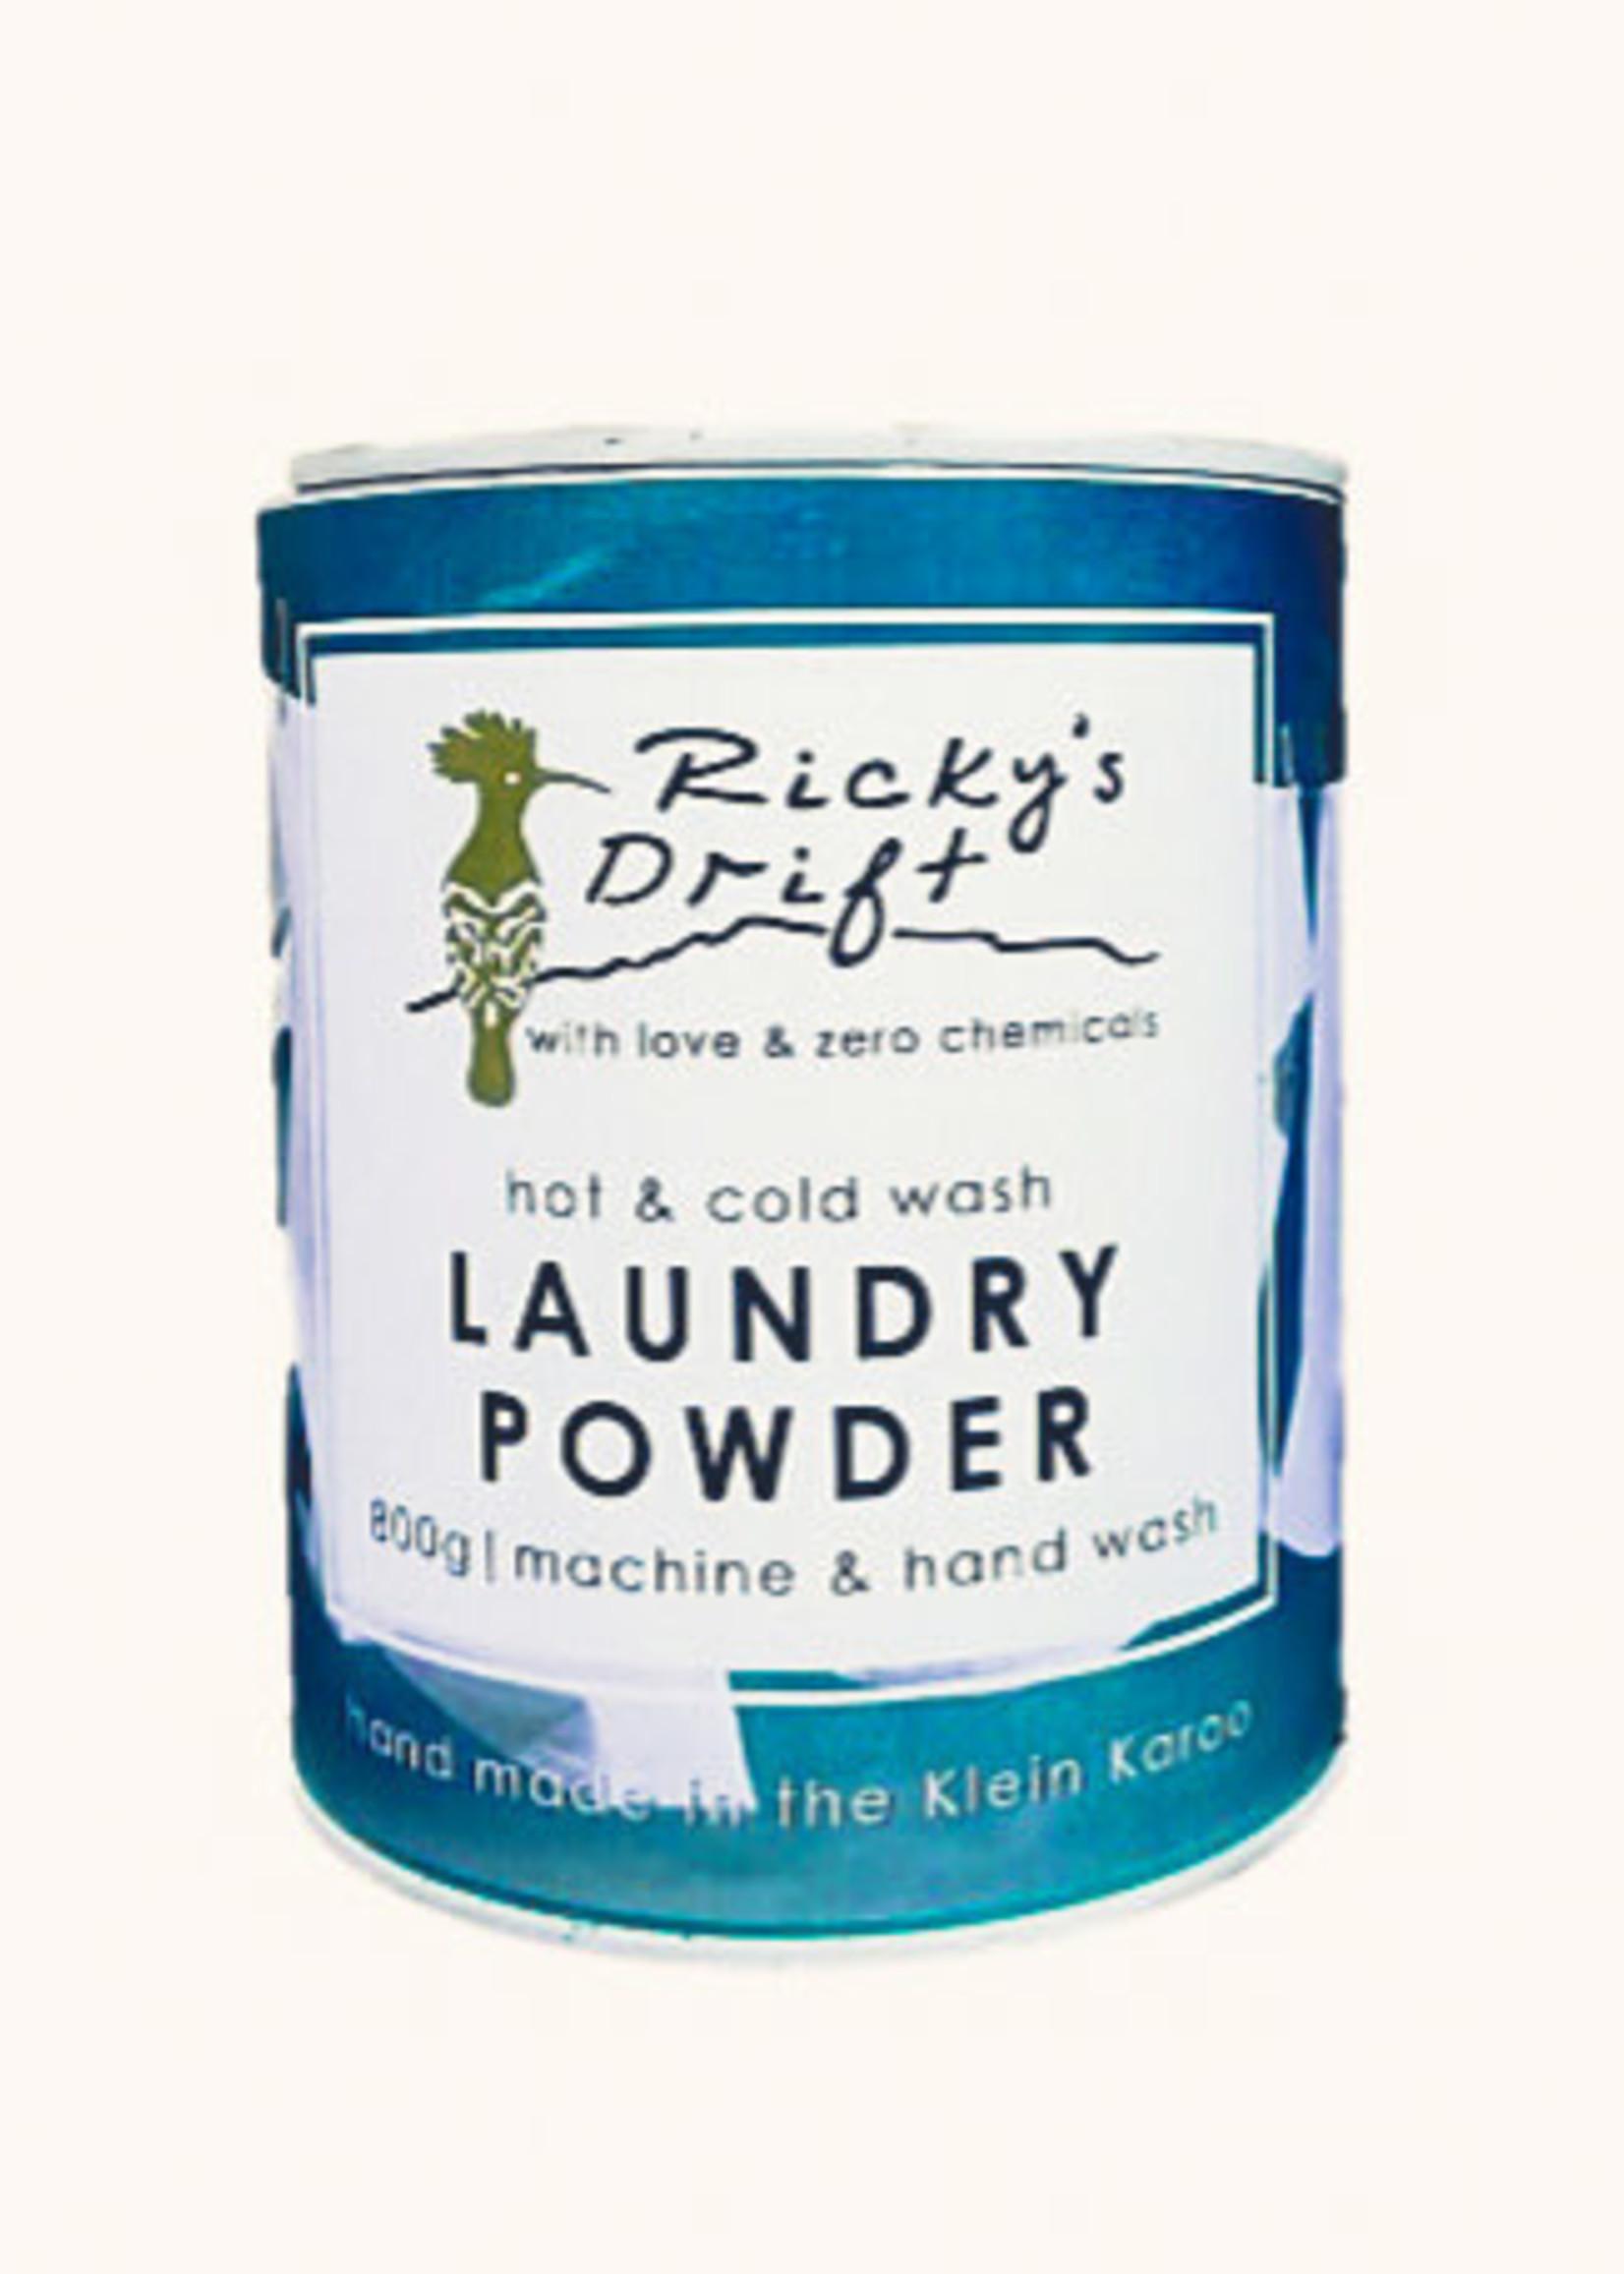 Ricky's Drift - Laundry powder